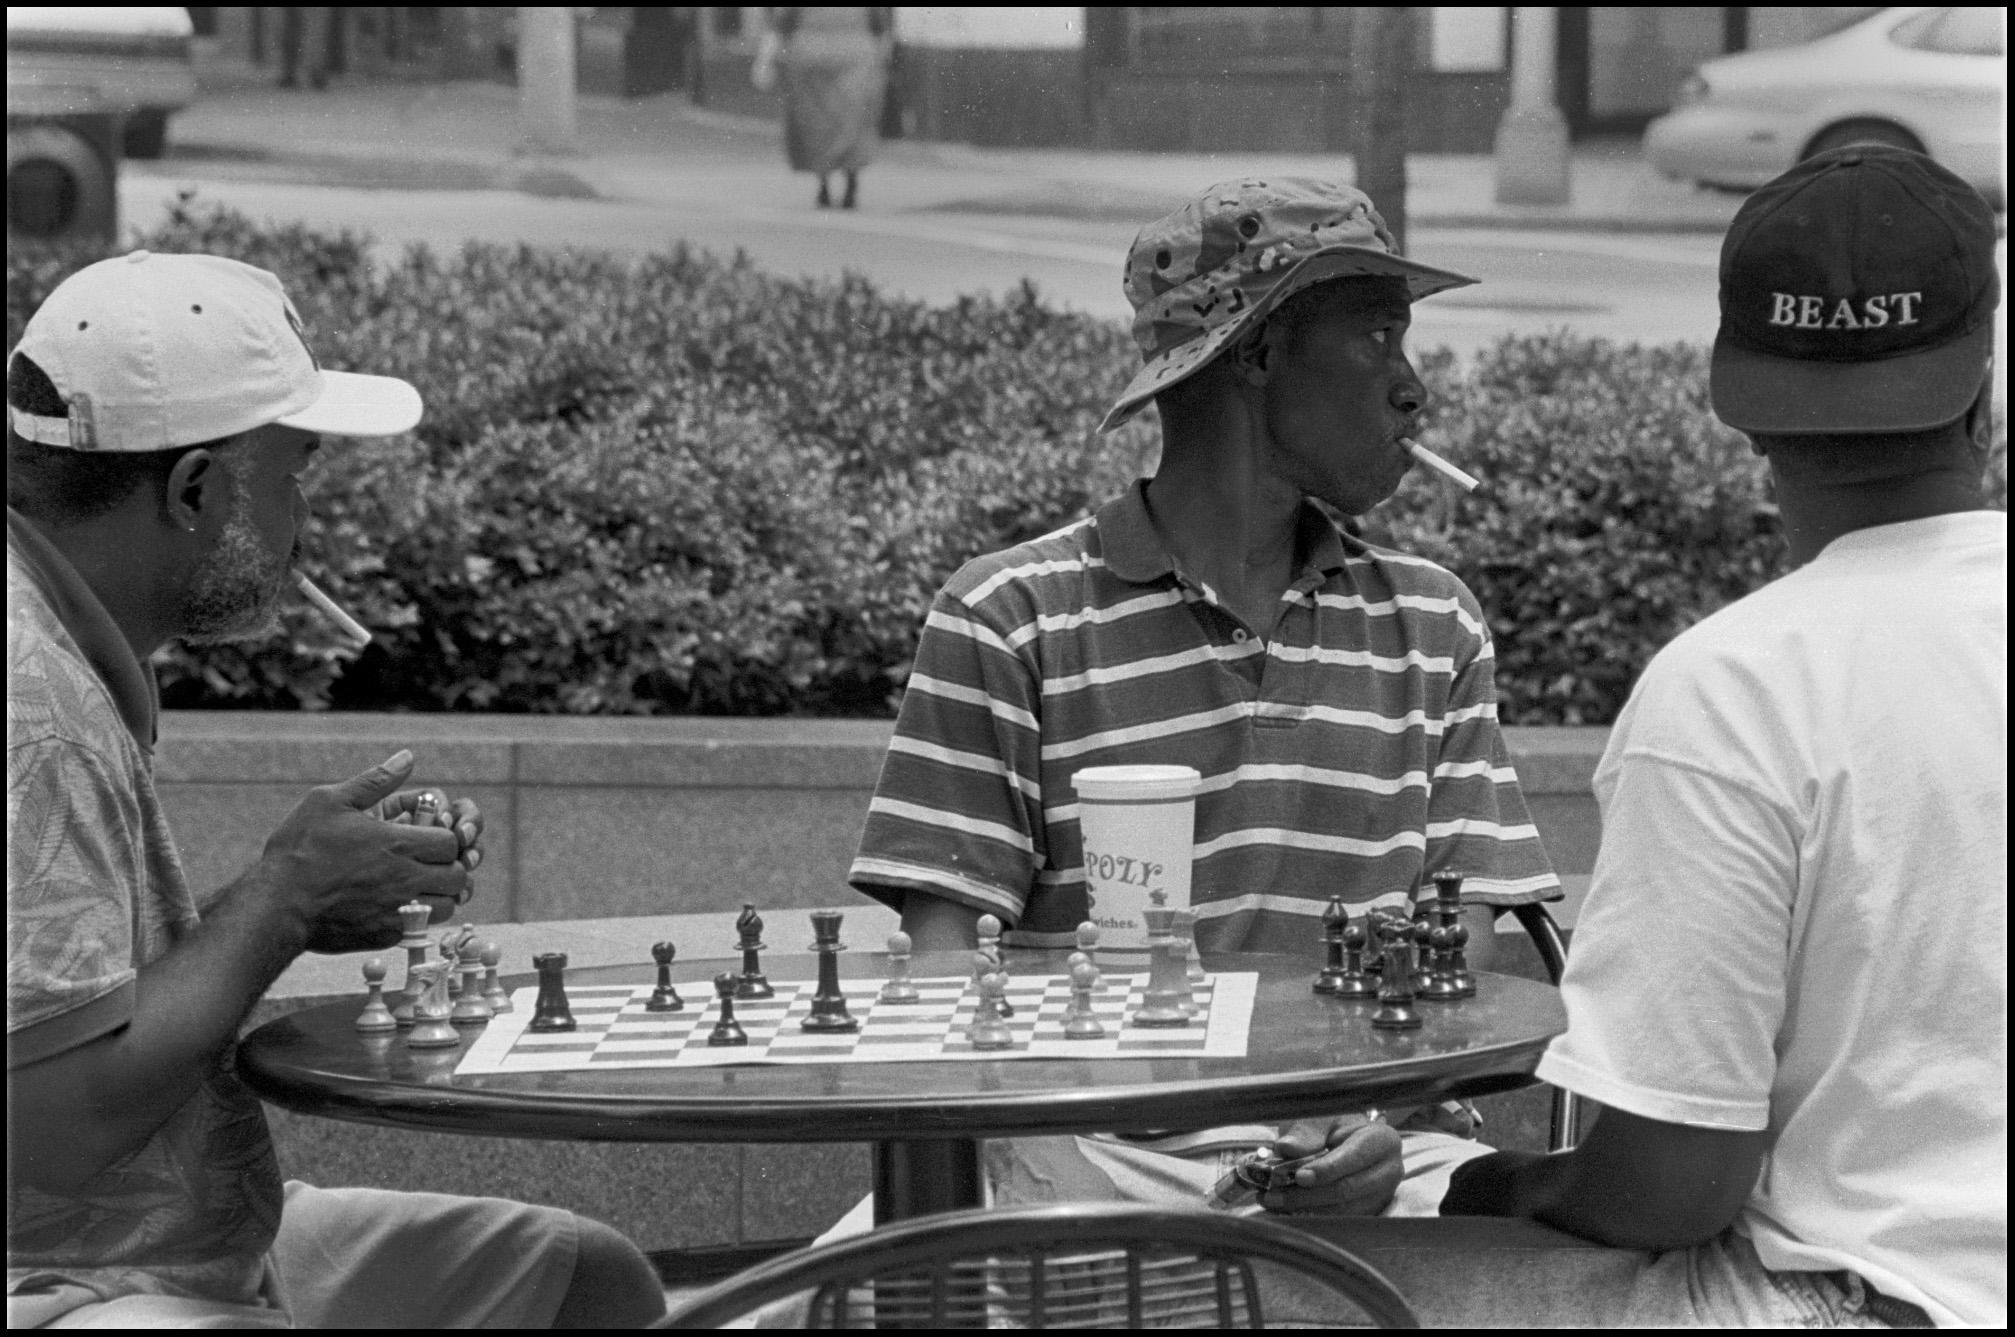 chess match interrupted